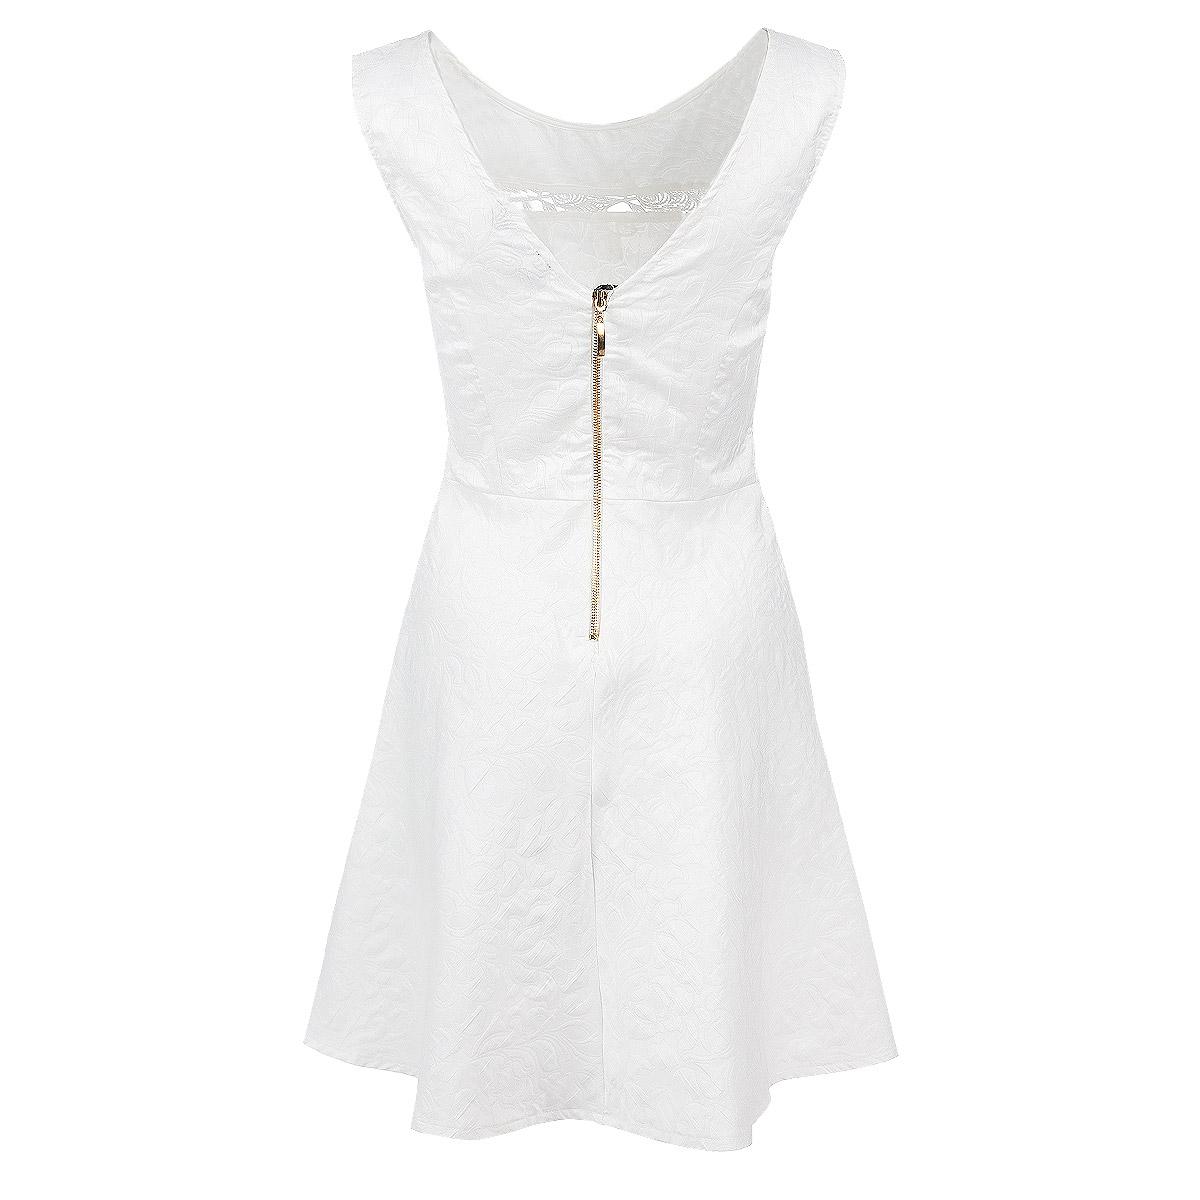 Платье. 59399-141207T59399-141207T whiteКлассическое платье Topsandtops выполнено из фактурного немнущегося материала с ажурной вставкой из кружева в области декольте. Модель приталенного кроя без рукавов и с круглым вырезом горловины на спинке застегивается на металлическую молнию. Платье подойдет для любой фигуры, подчеркнет все достоинства и скроет недостатки. Элегантная модель станет незаменимой базовой вещью в вашем гардеробе на каждый день.